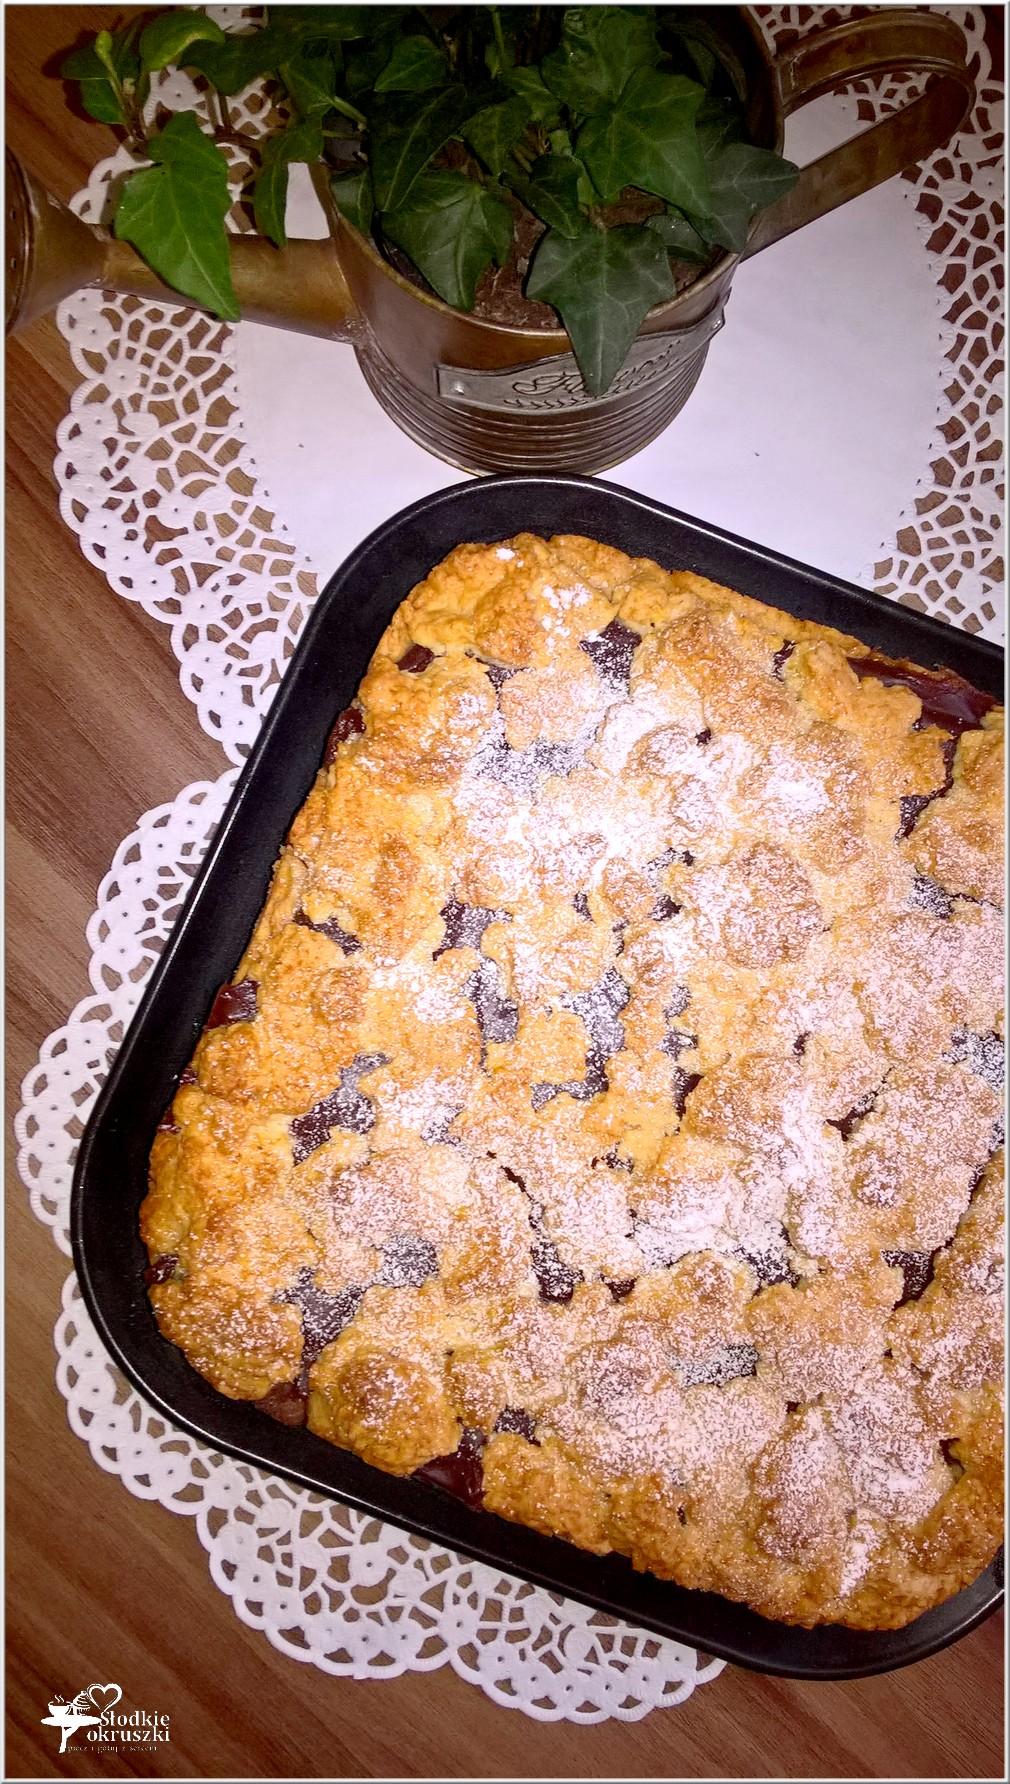 Kruche ciasto z czekoladowym wnętrzem (1)